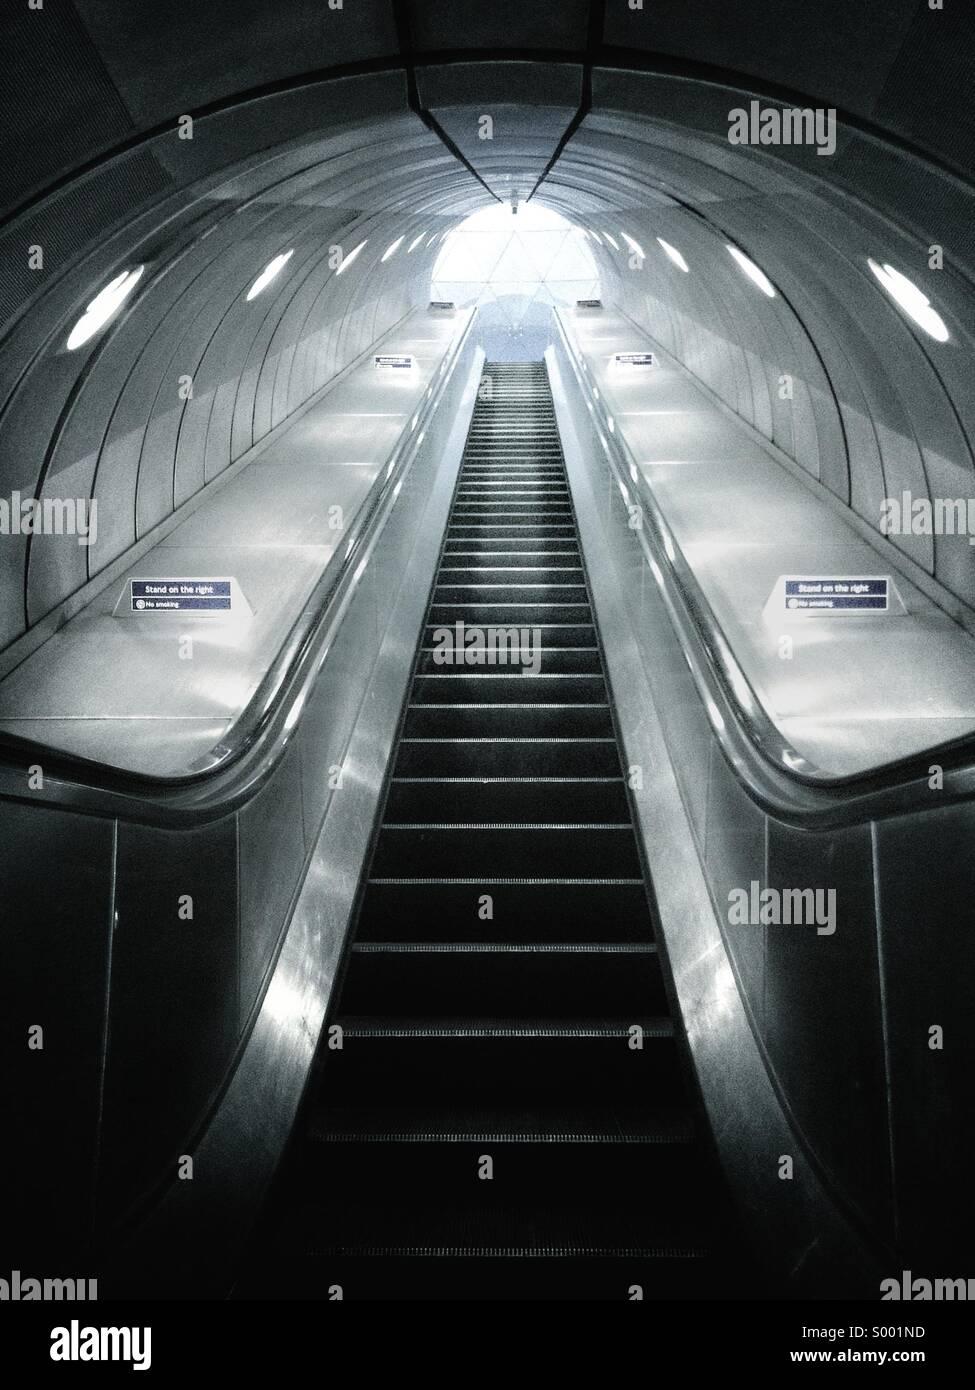 London Underground - TFL - Stock Image